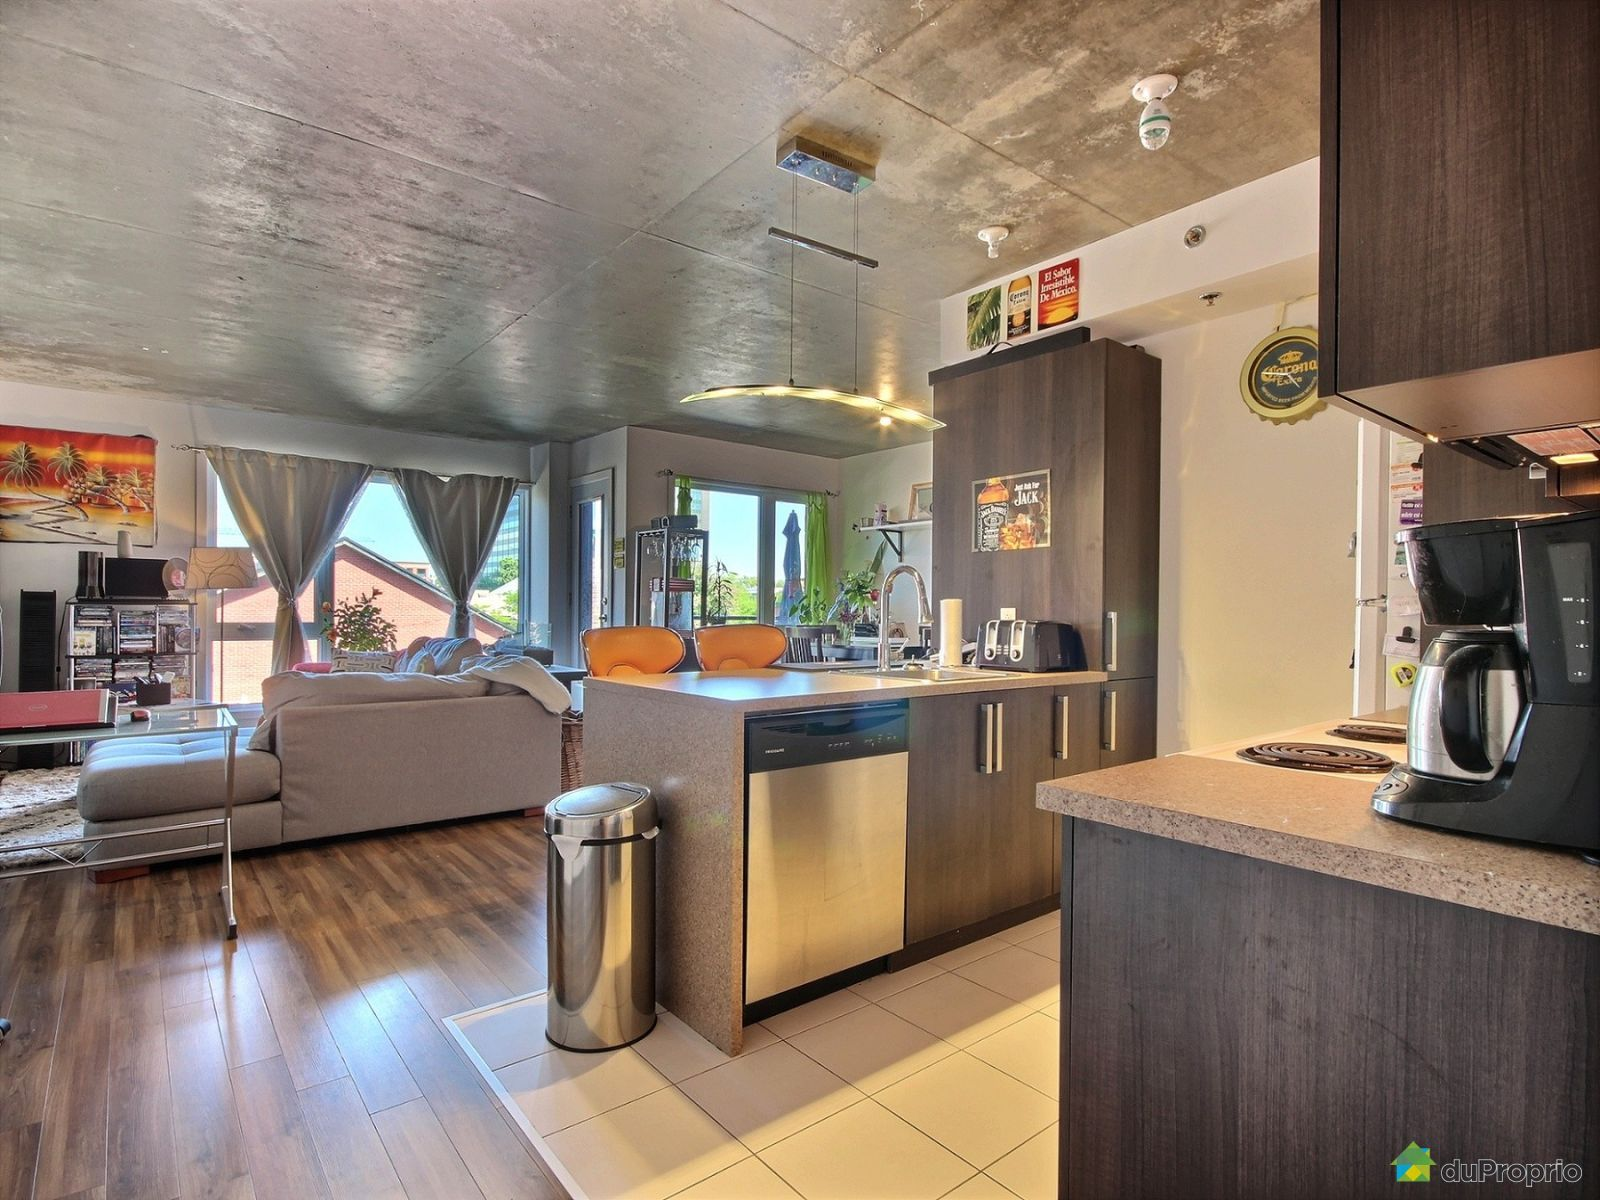 #9B6030 Condo à Vendre Montréal 406 2160 Rue Laforce Immobilier  3891 salle a manger pas cher montreal 1600x1200 px @ aertt.com